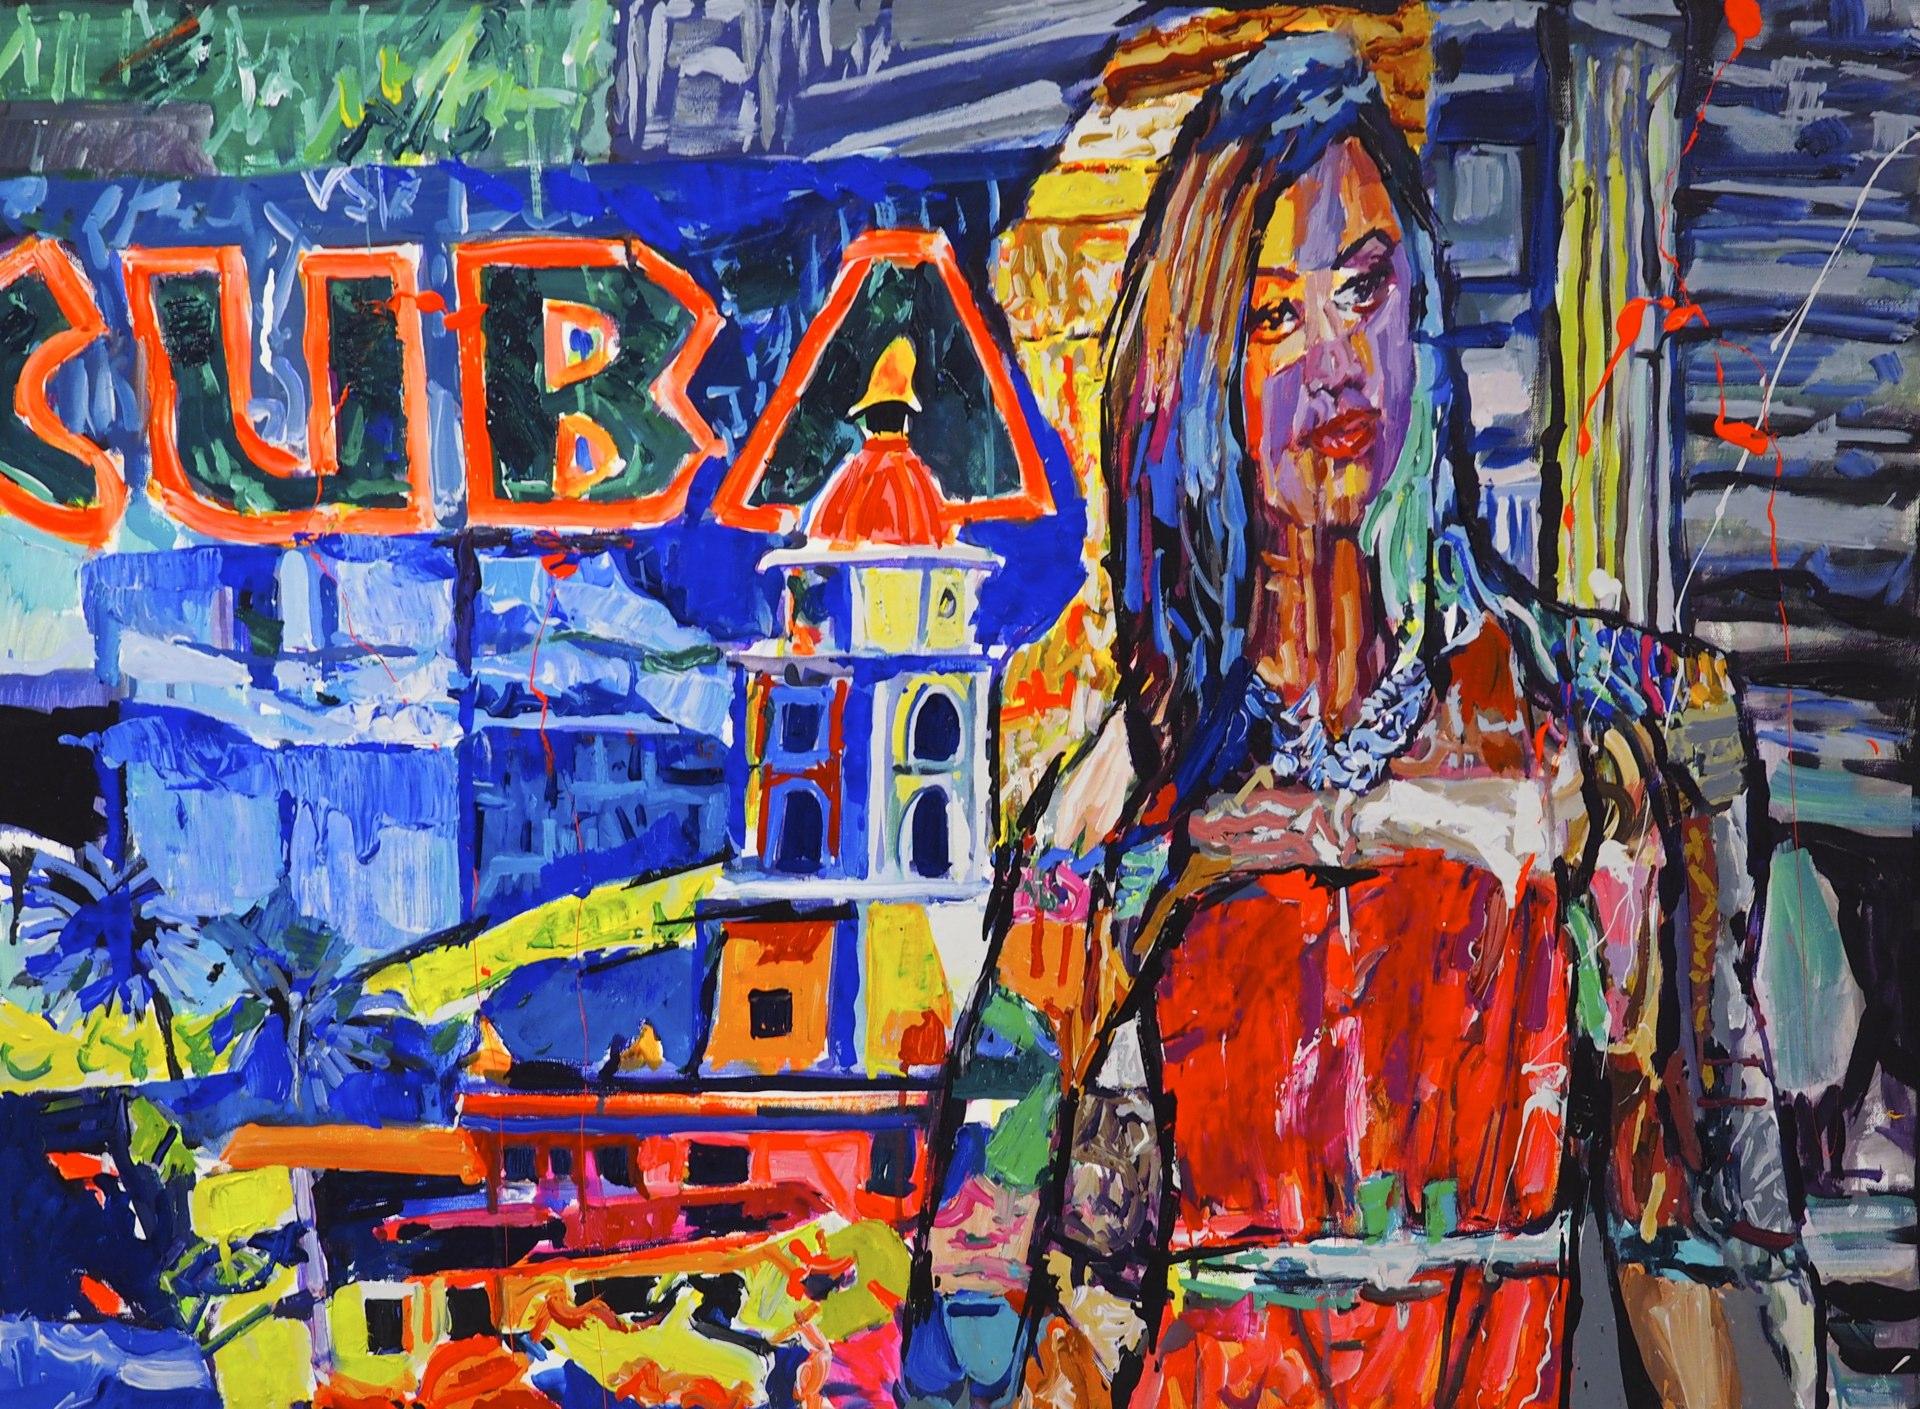 cuban_gal